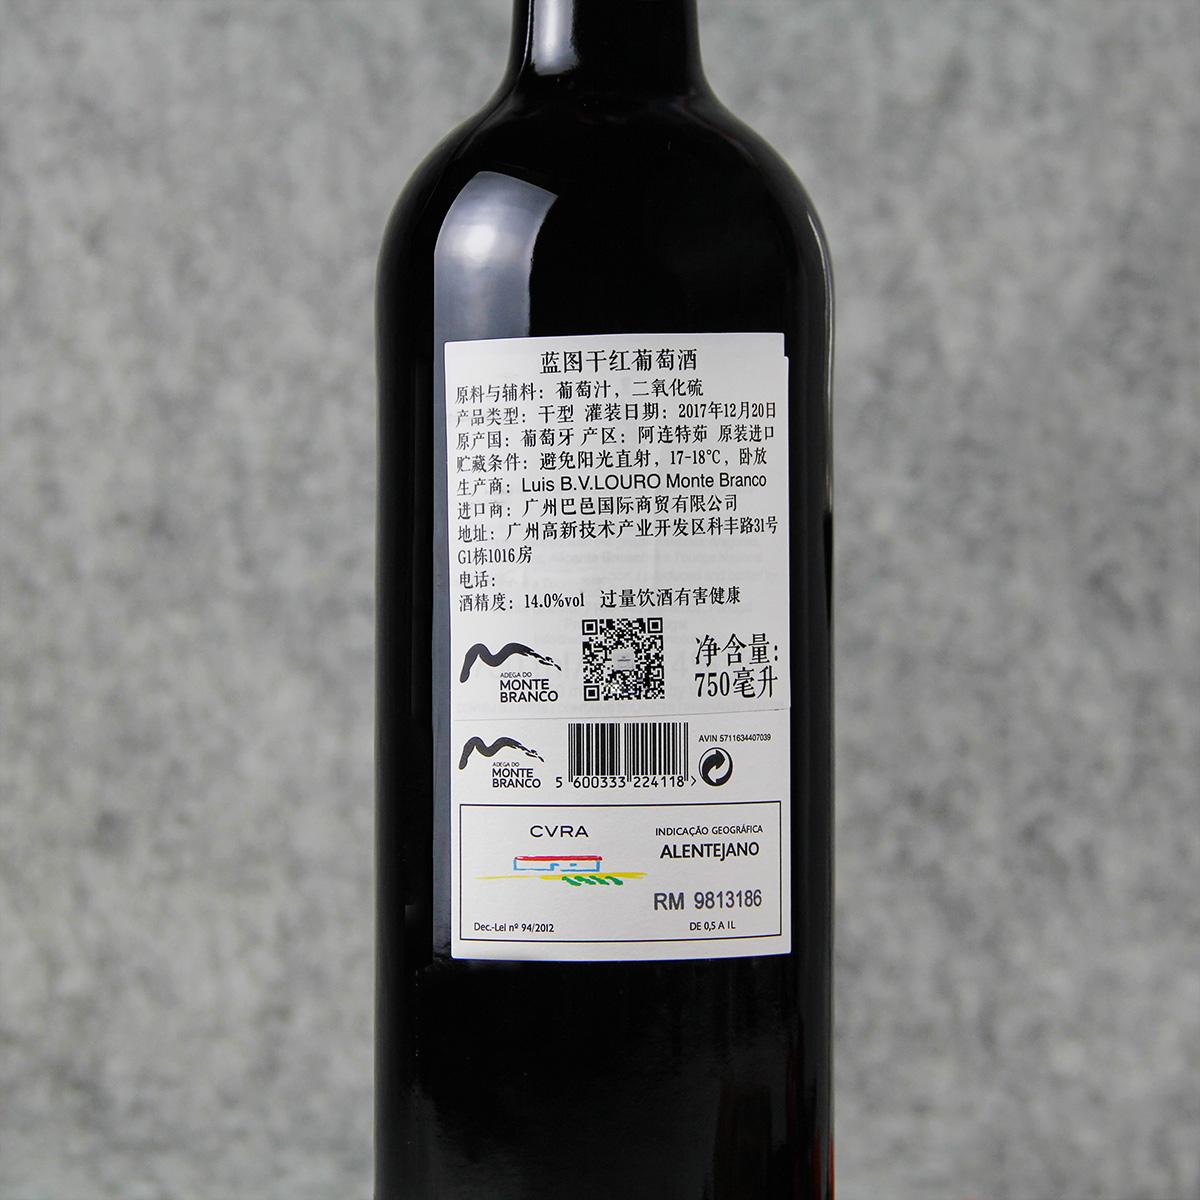 葡萄牙阿连特茹蒙特布兰科酒庄蓝图混酿干红葡萄酒